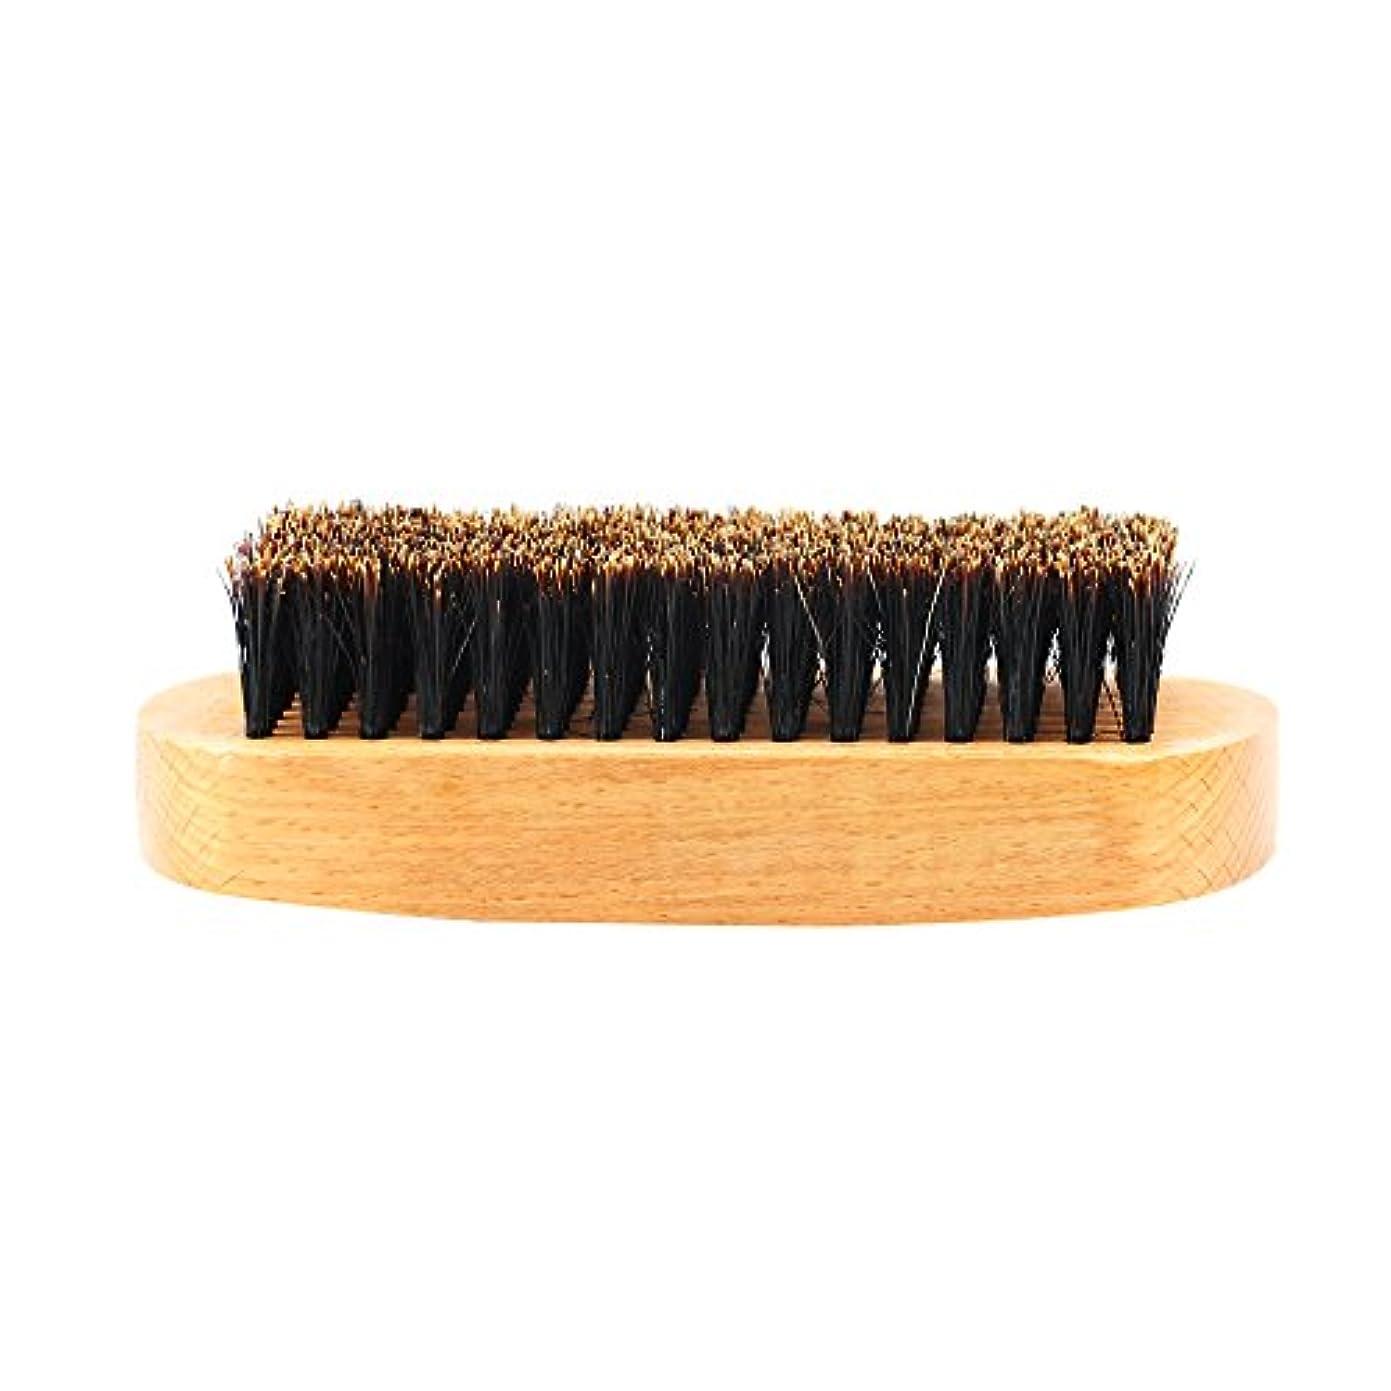 スチールでる溶接髭ブラシ 男性 ひげ剃り 天然木ハンドル ひげそり グルーミング 2タイプ選べる - #1